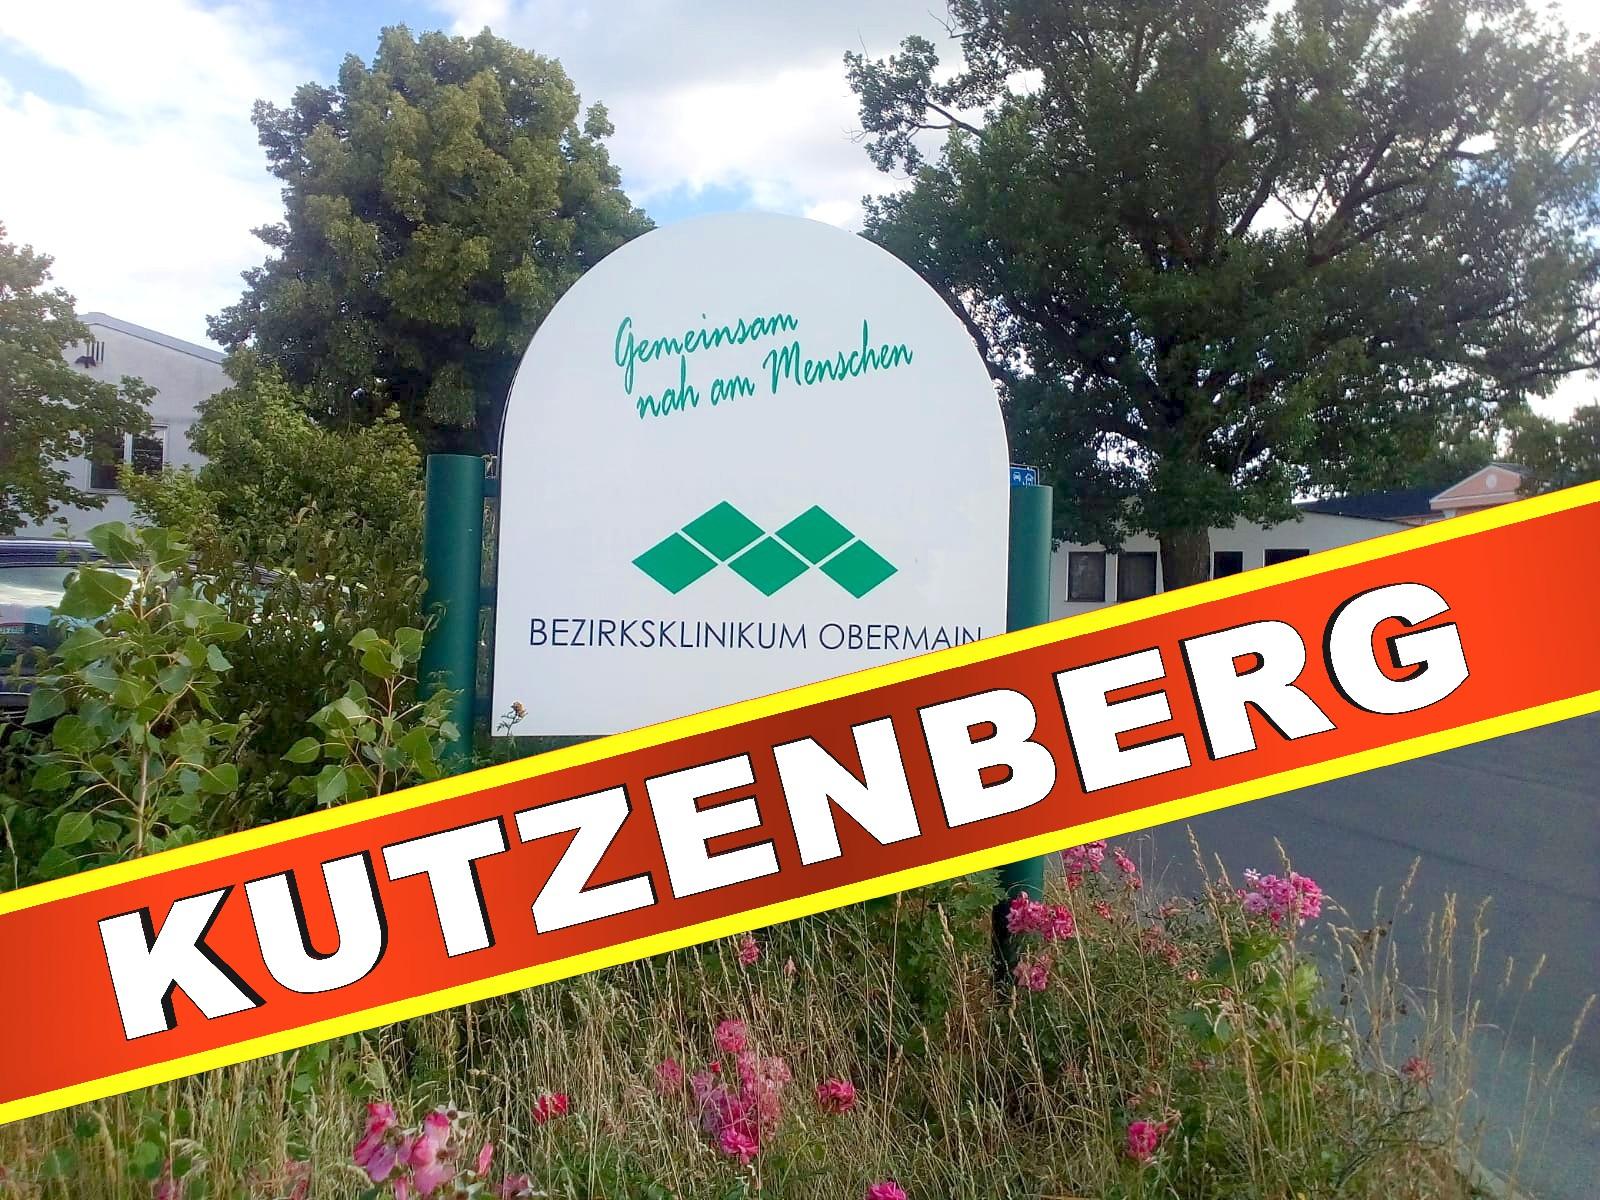 Einrichtung Kutzenberg